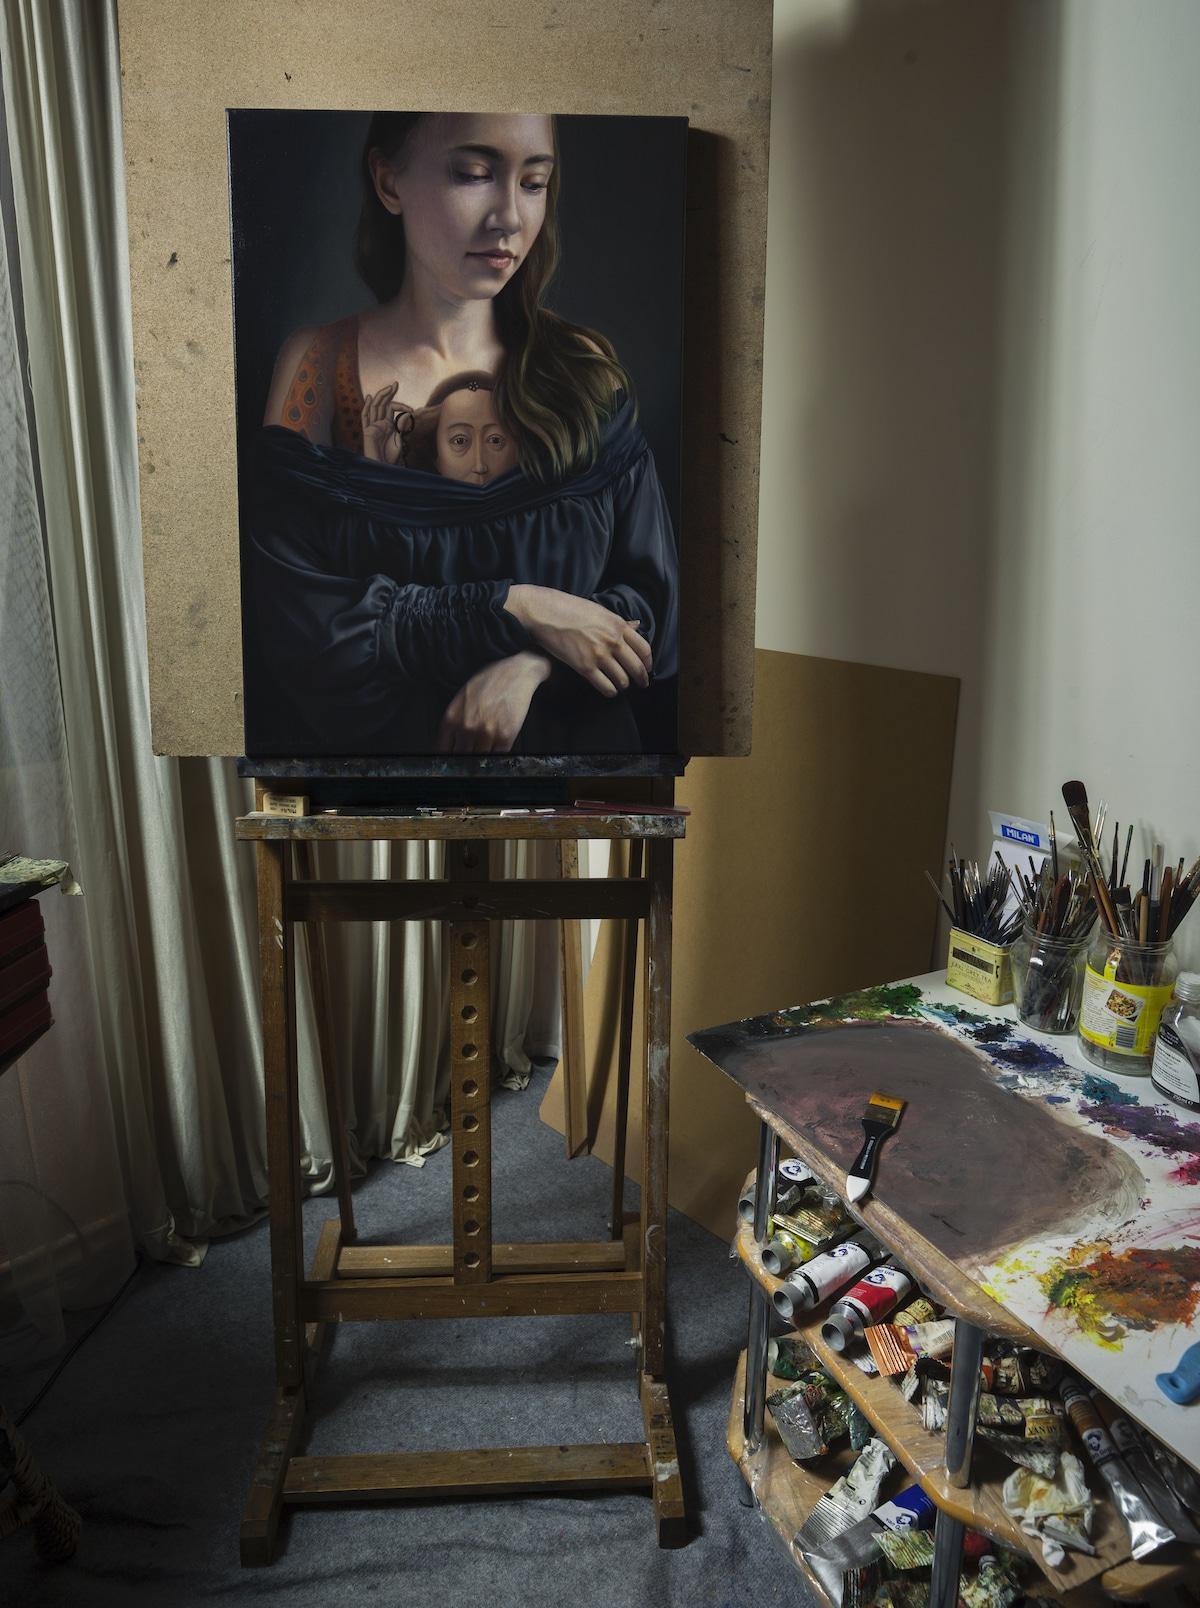 კლასიკა, მხატვრობა, ფერწერა, ბოსხი, ჰოკუსაი, ბოტიჩელი, კარავაჯო, qwelly, art, painting, არტი